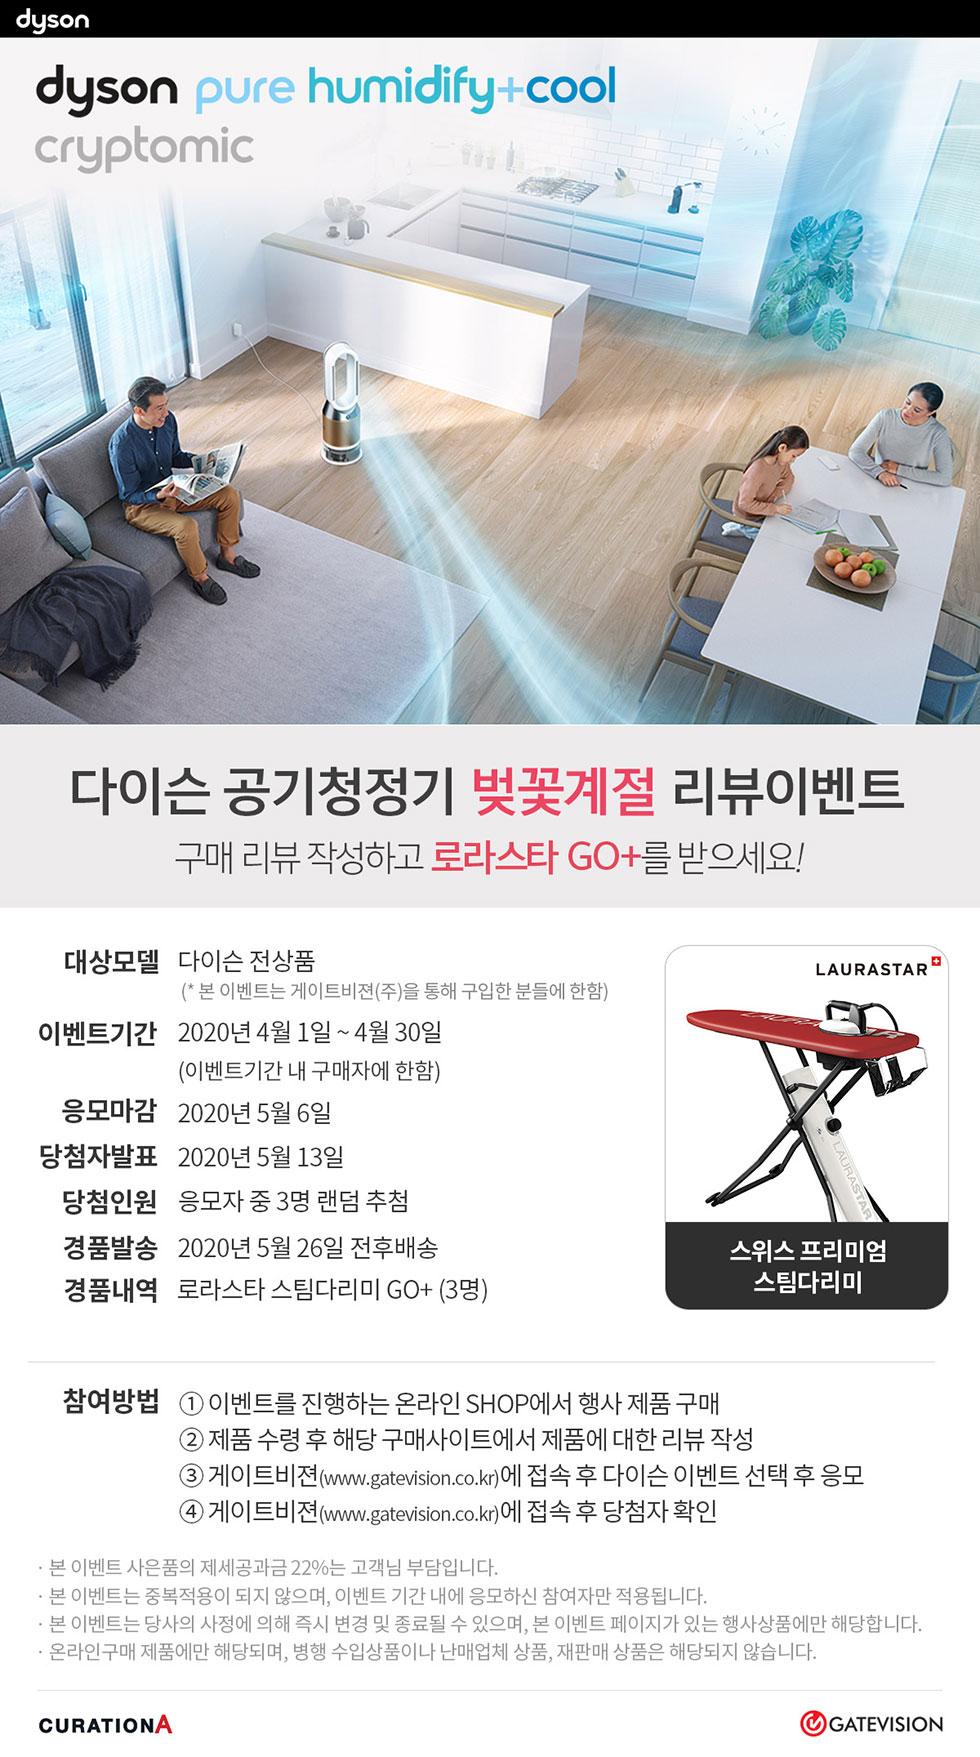 다이슨 공기청정 퓨어쿨 경품 이벤트